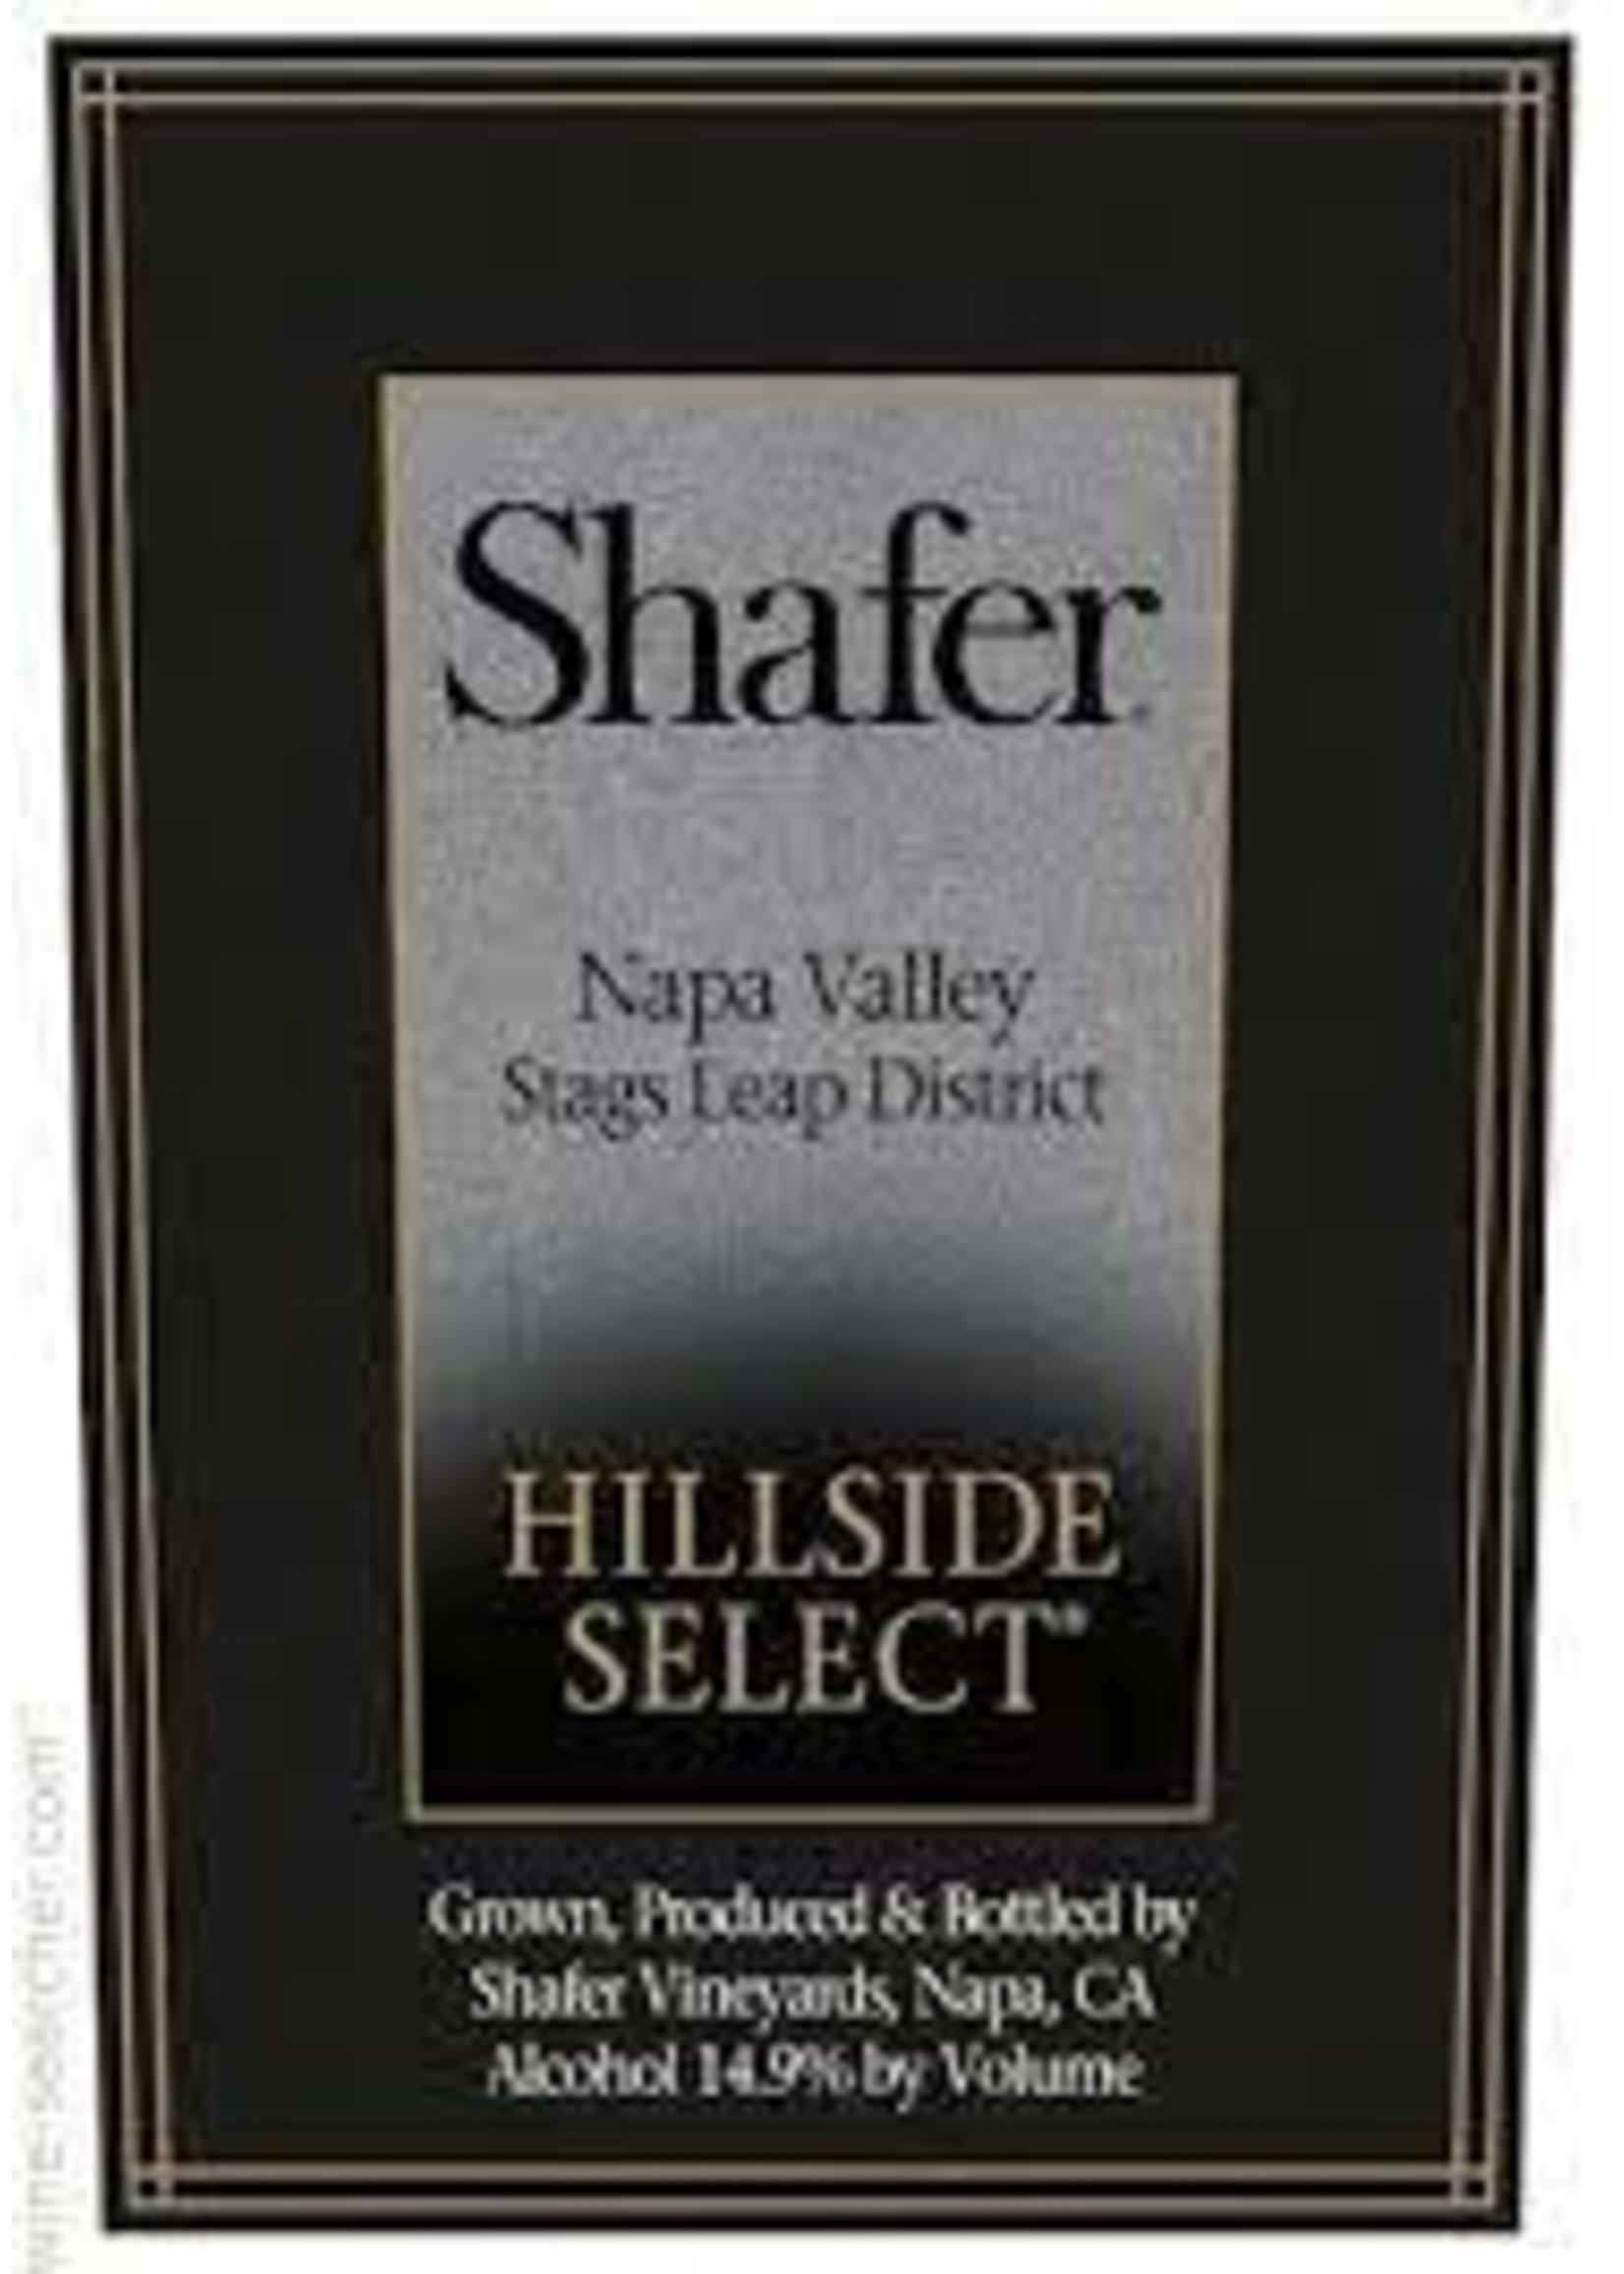 Shafer 2012 Cabernet Sauvignon Hillside Select 750ml [PRE-ARRIVAL]